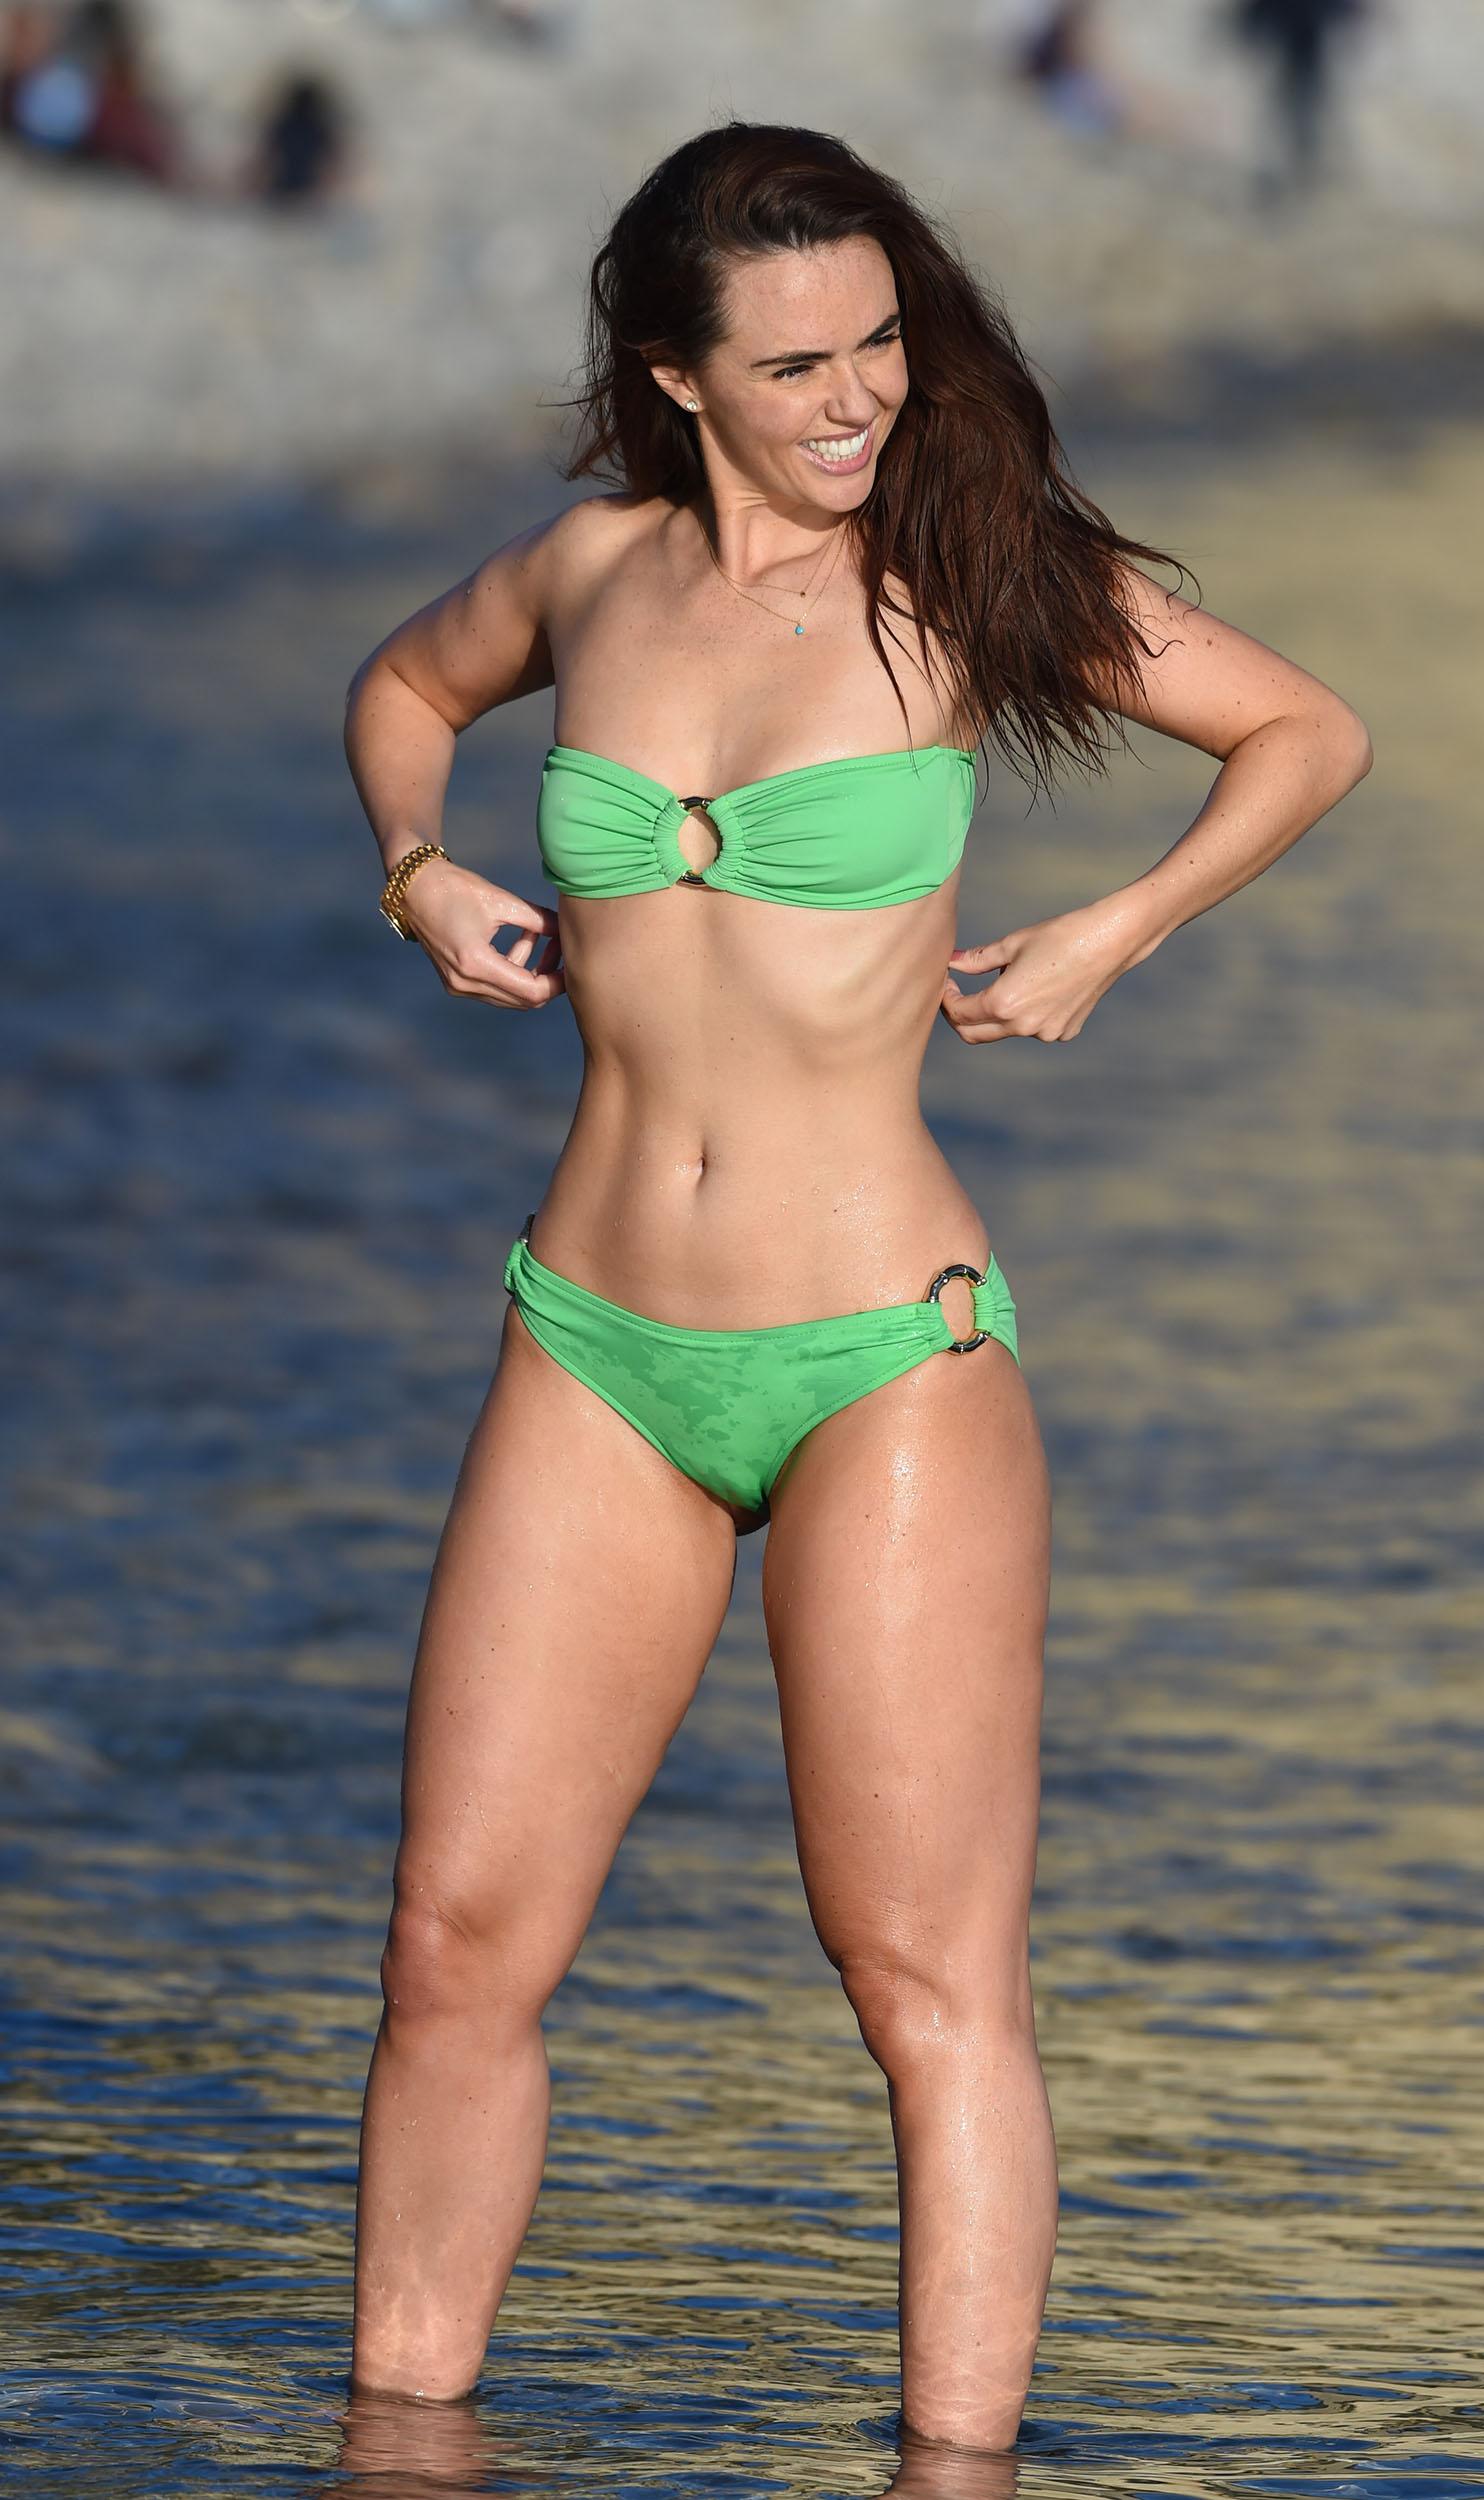 Eva longoria bikini ibiza - 3 part 2